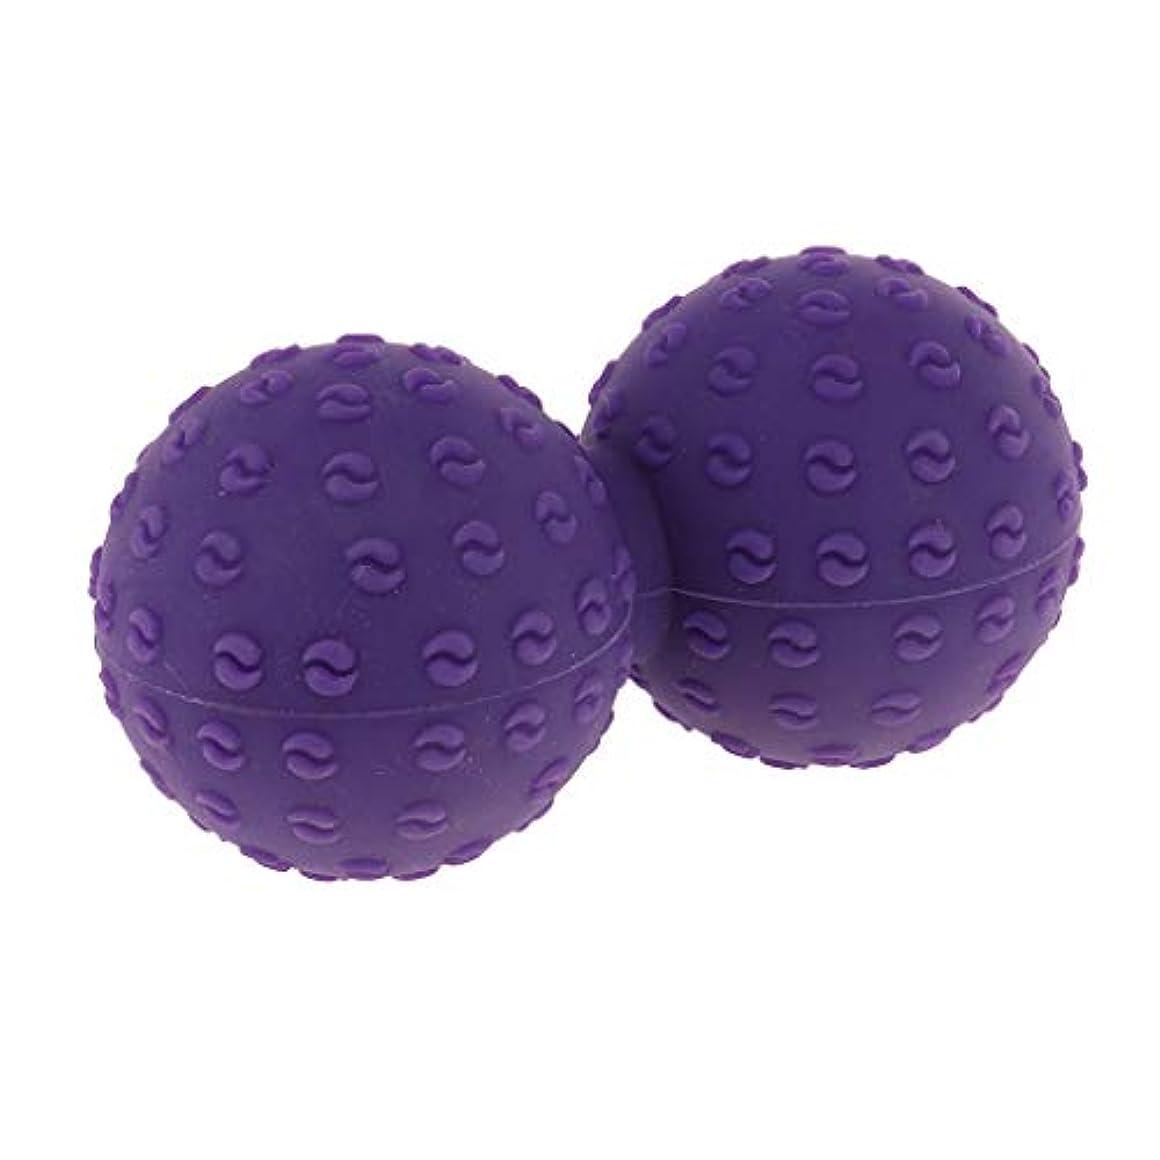 おとうさんエレベーター盗賊シリコンマッサージボール 指圧ボール ピーナッツ トリガーポイント ツボ押しグッズ ヨガ 全6色 - 紫, 説明のとおり